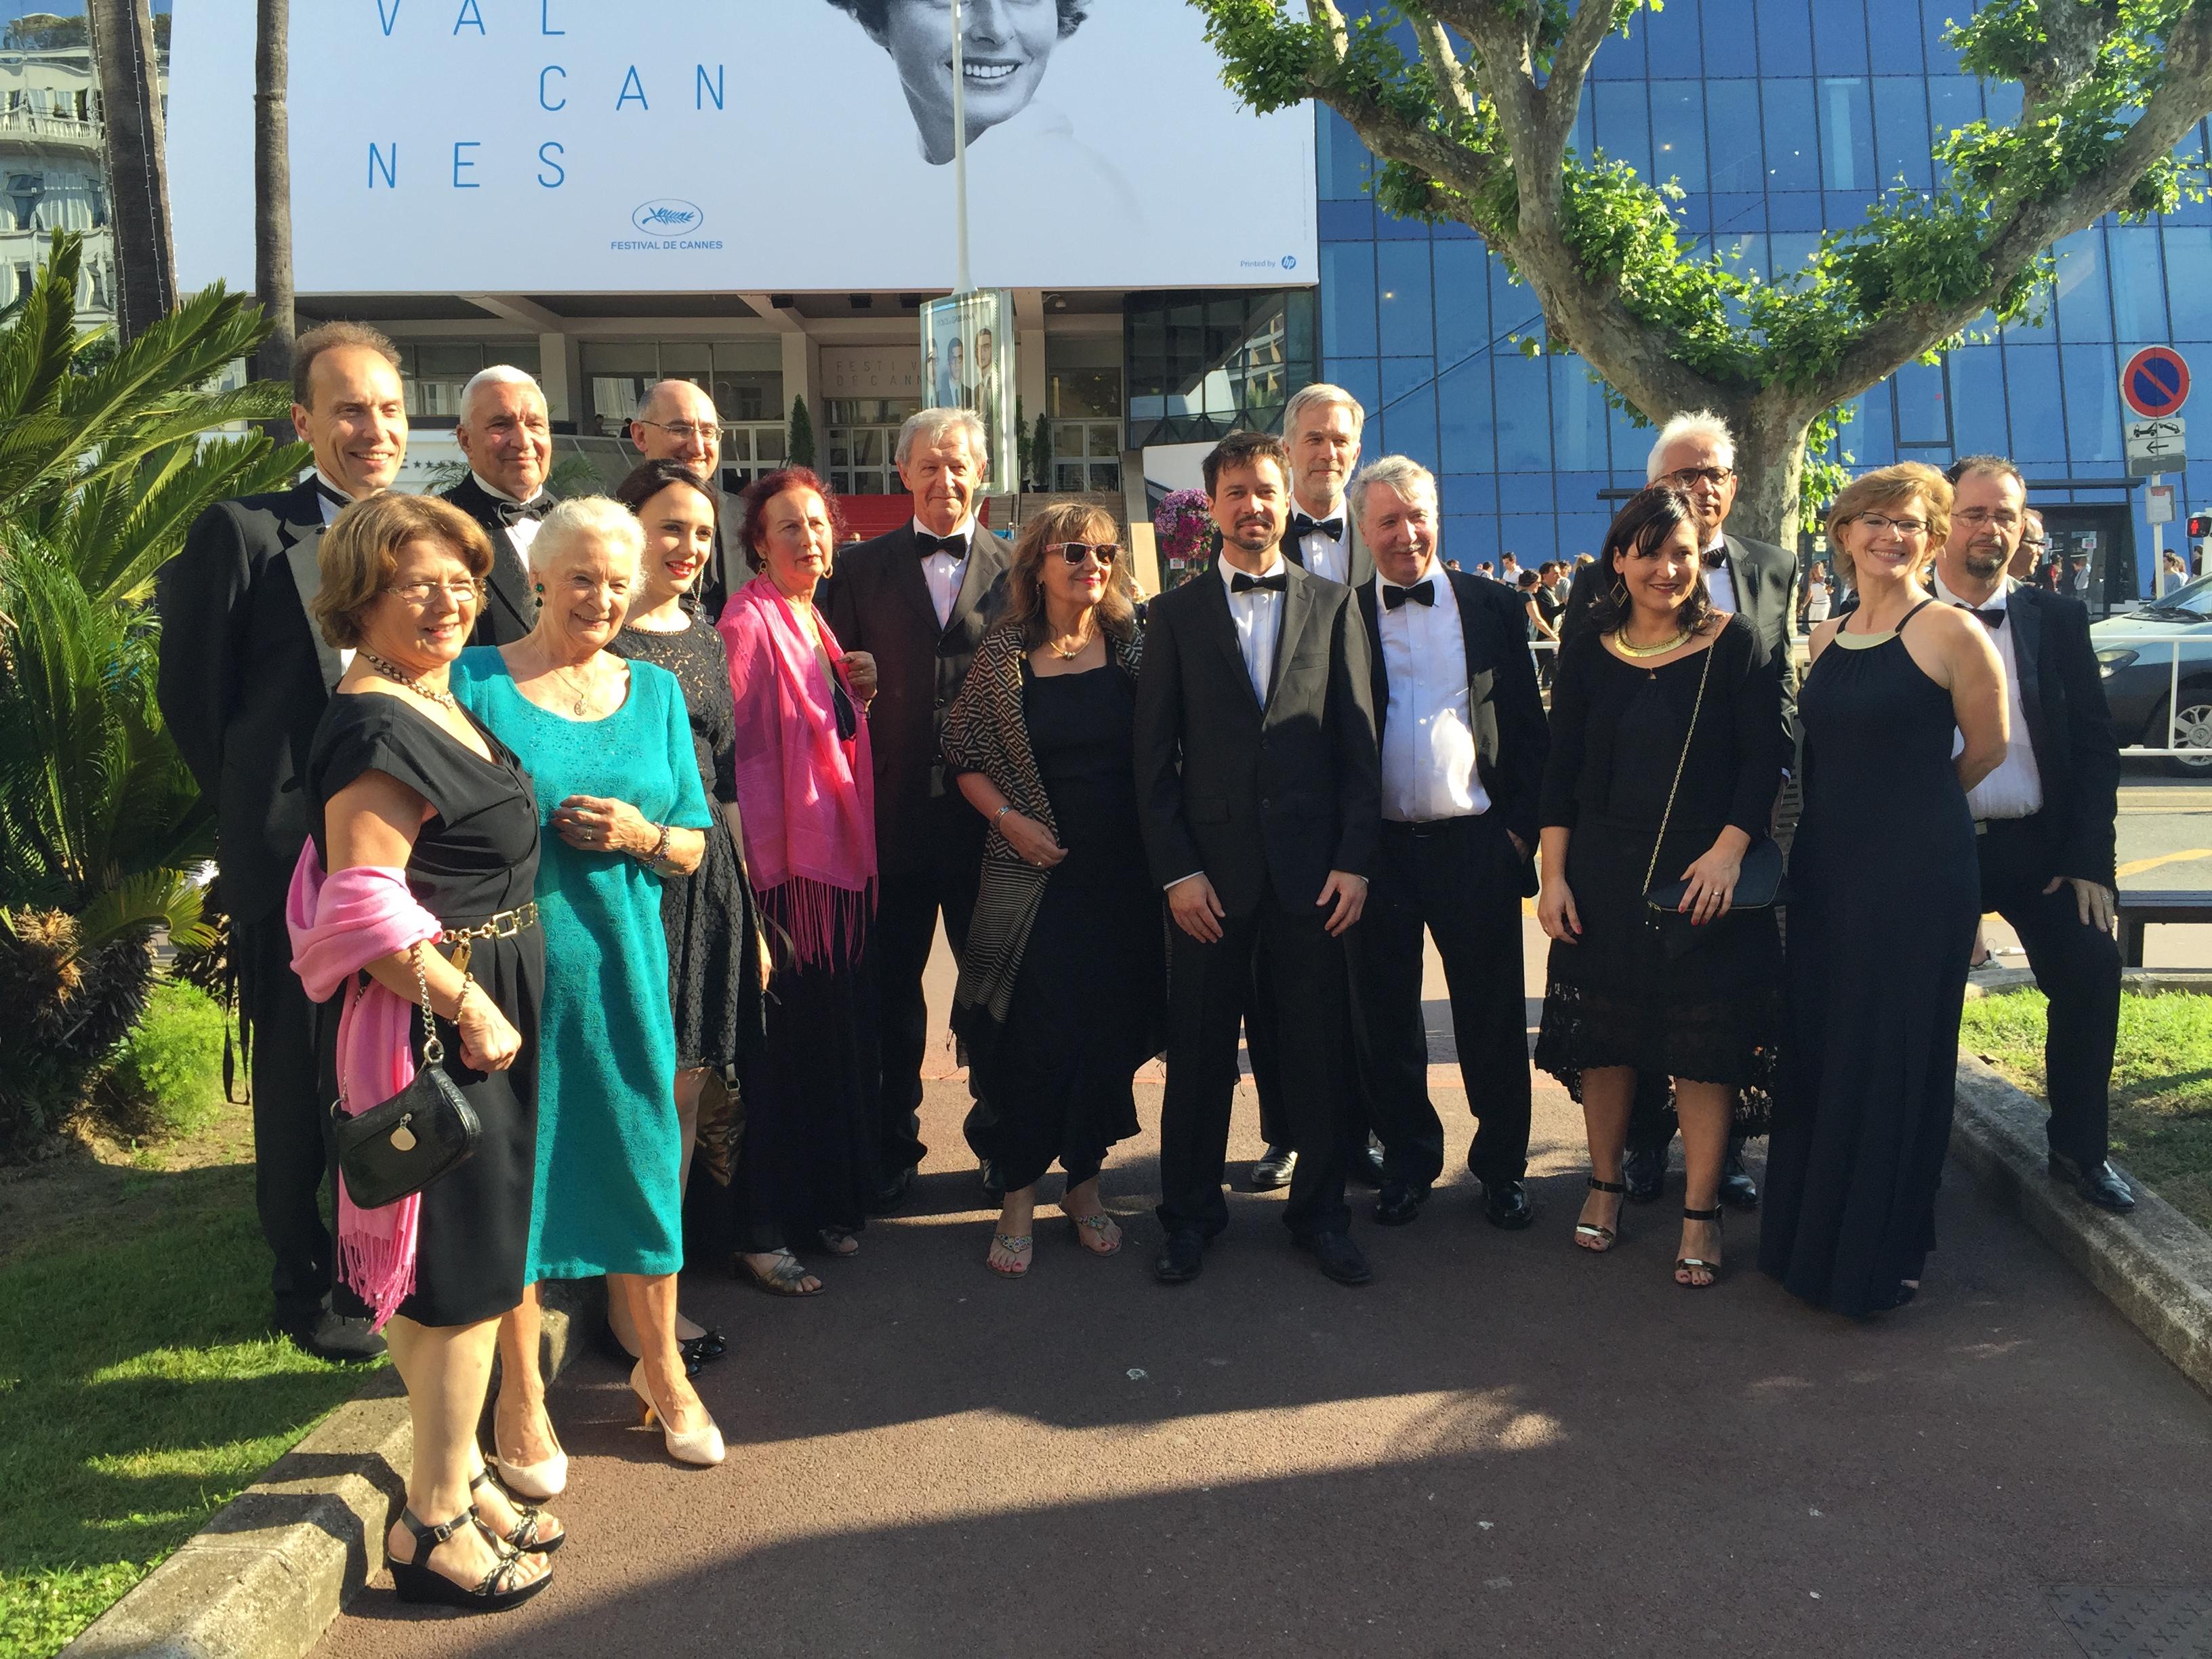 Le jury œcuménique à Cannes